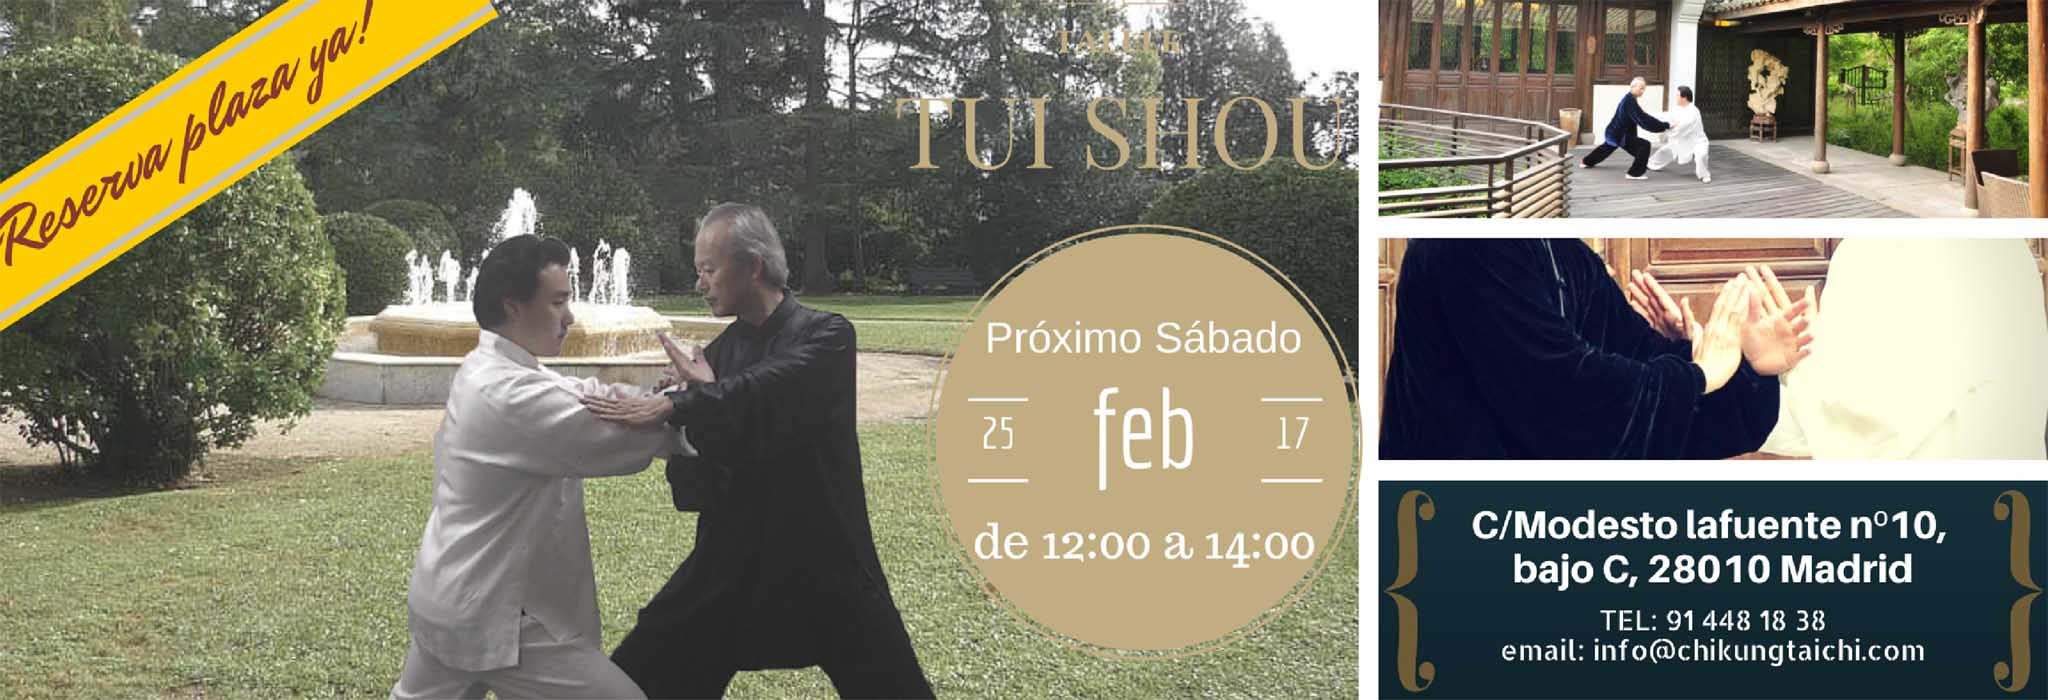 taller-Tui-shou-feb-1